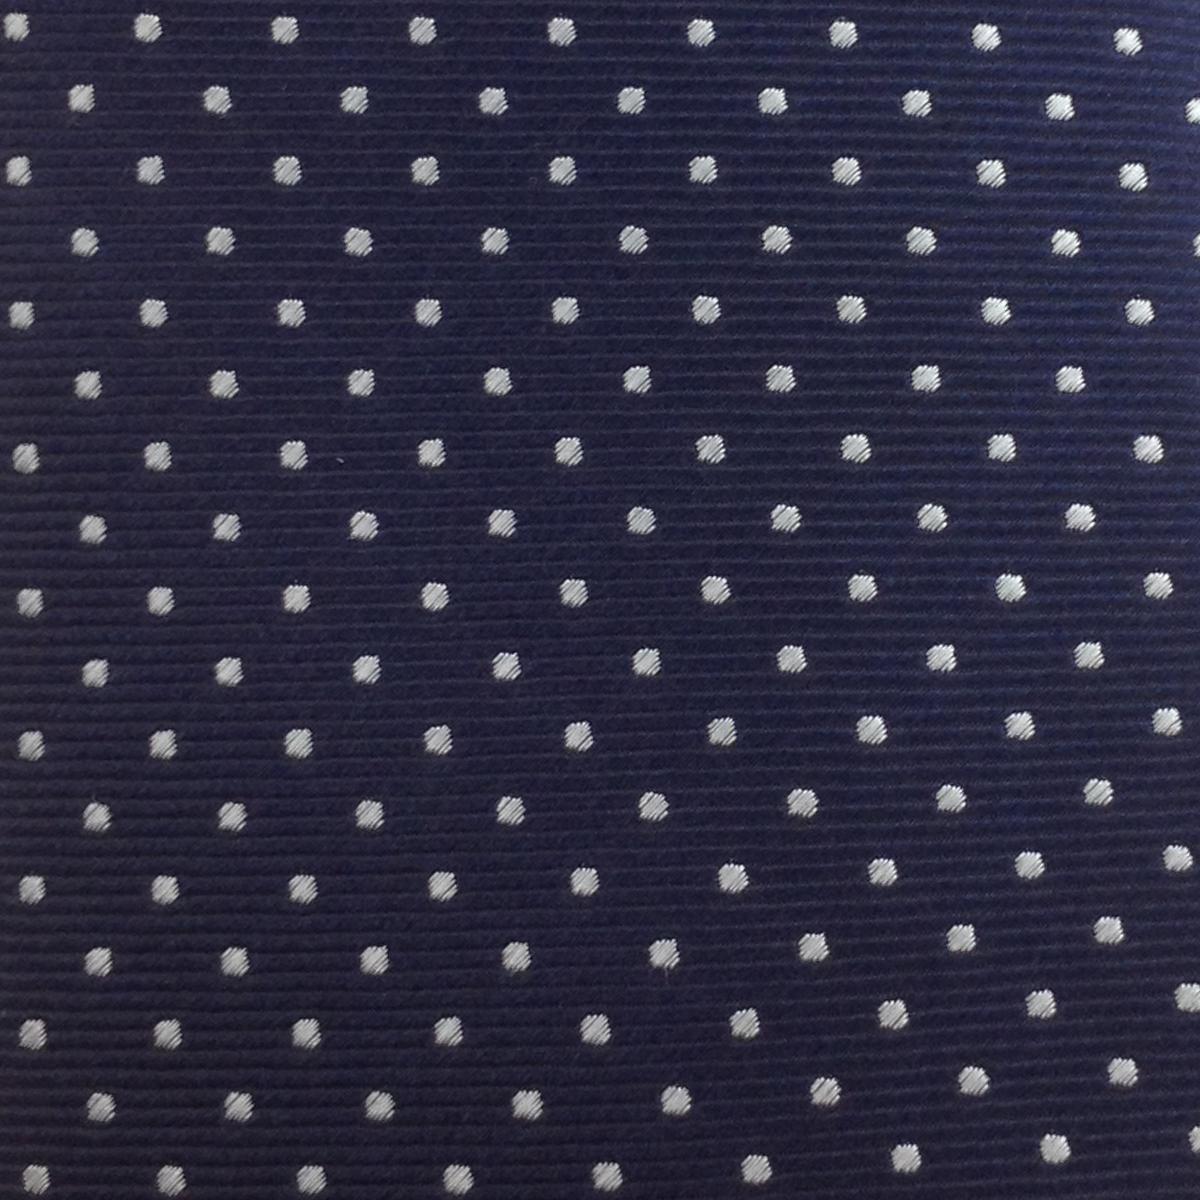 N657 Spots Navy White - - Con Murphys Menswear